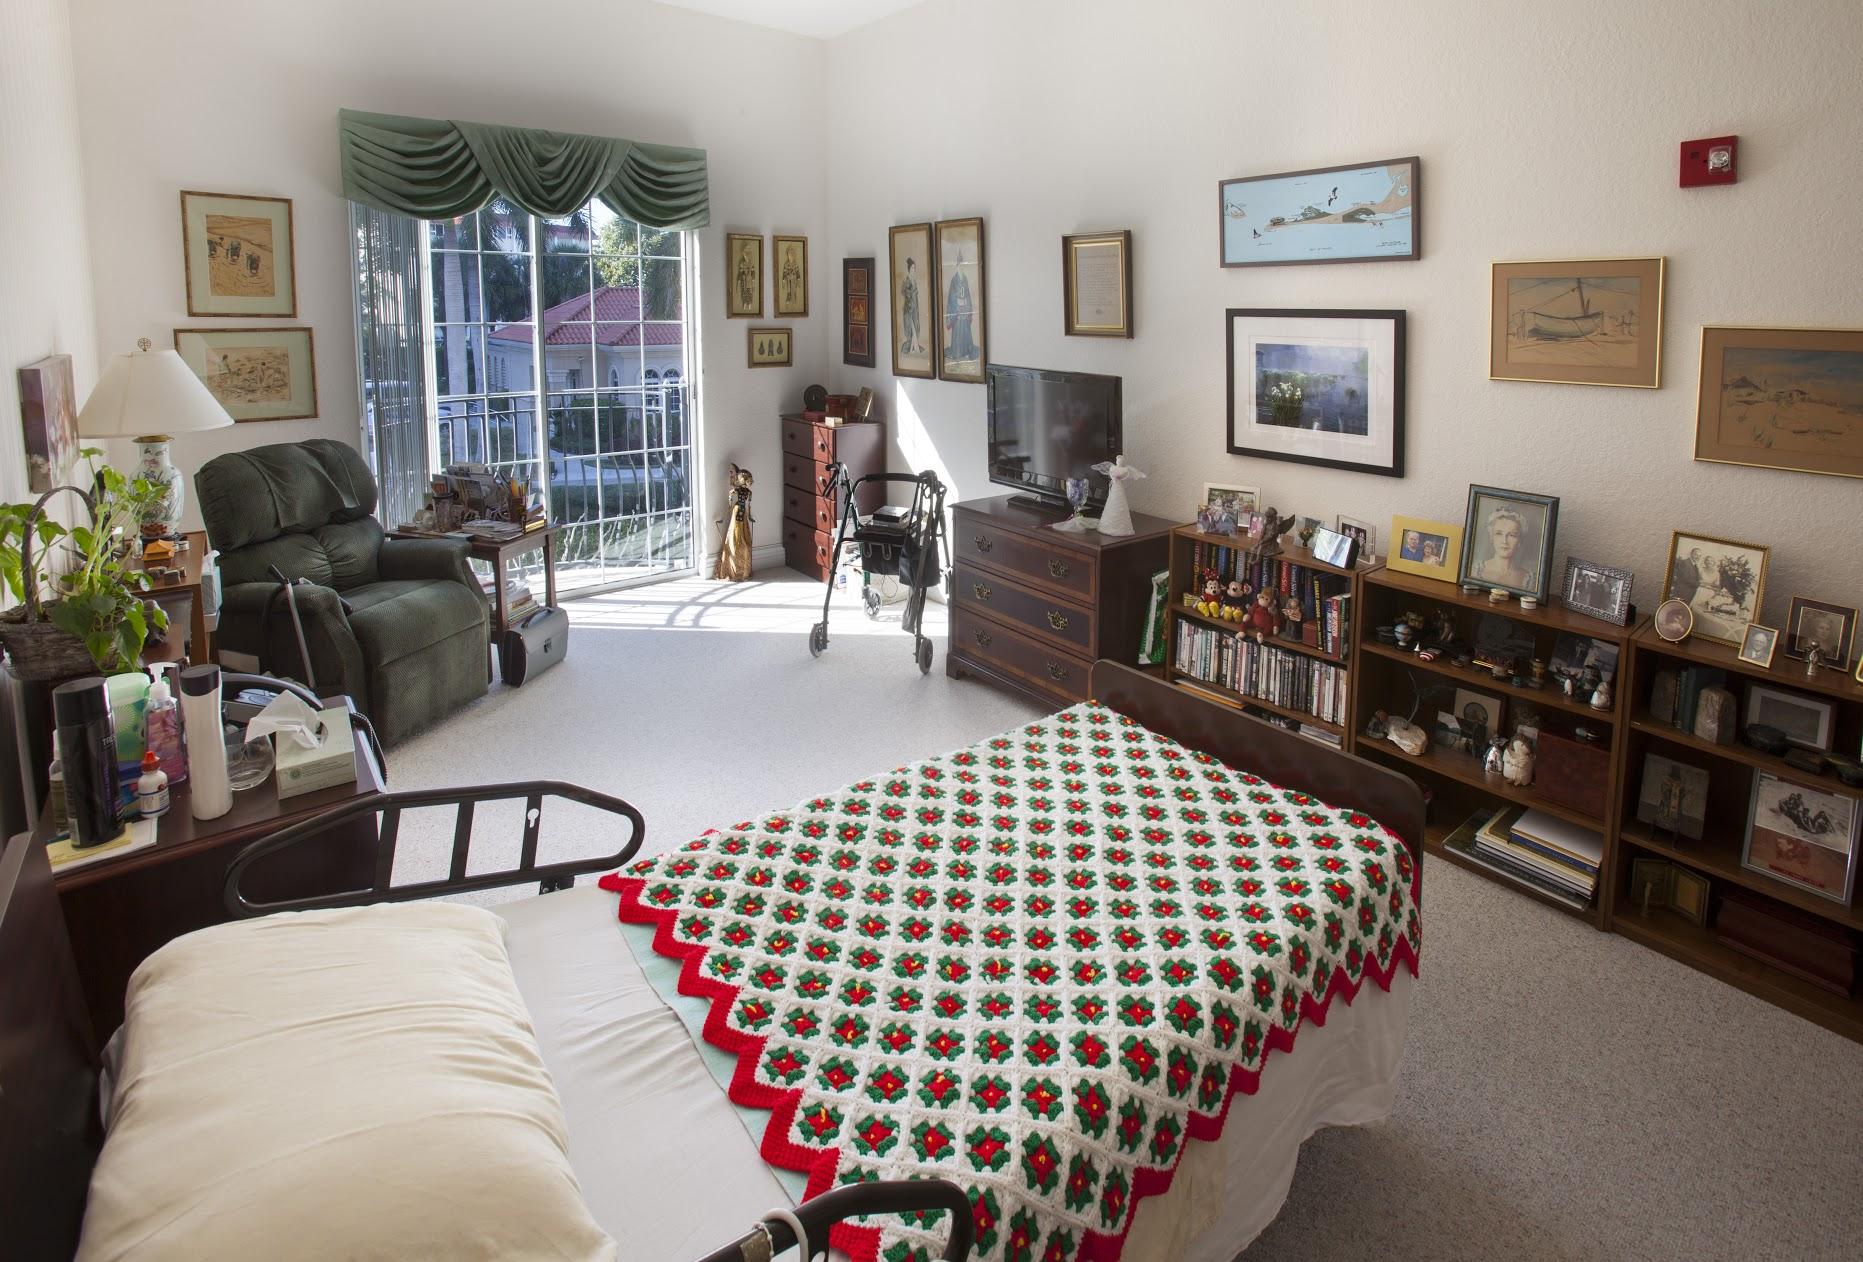 Inn LTC Room